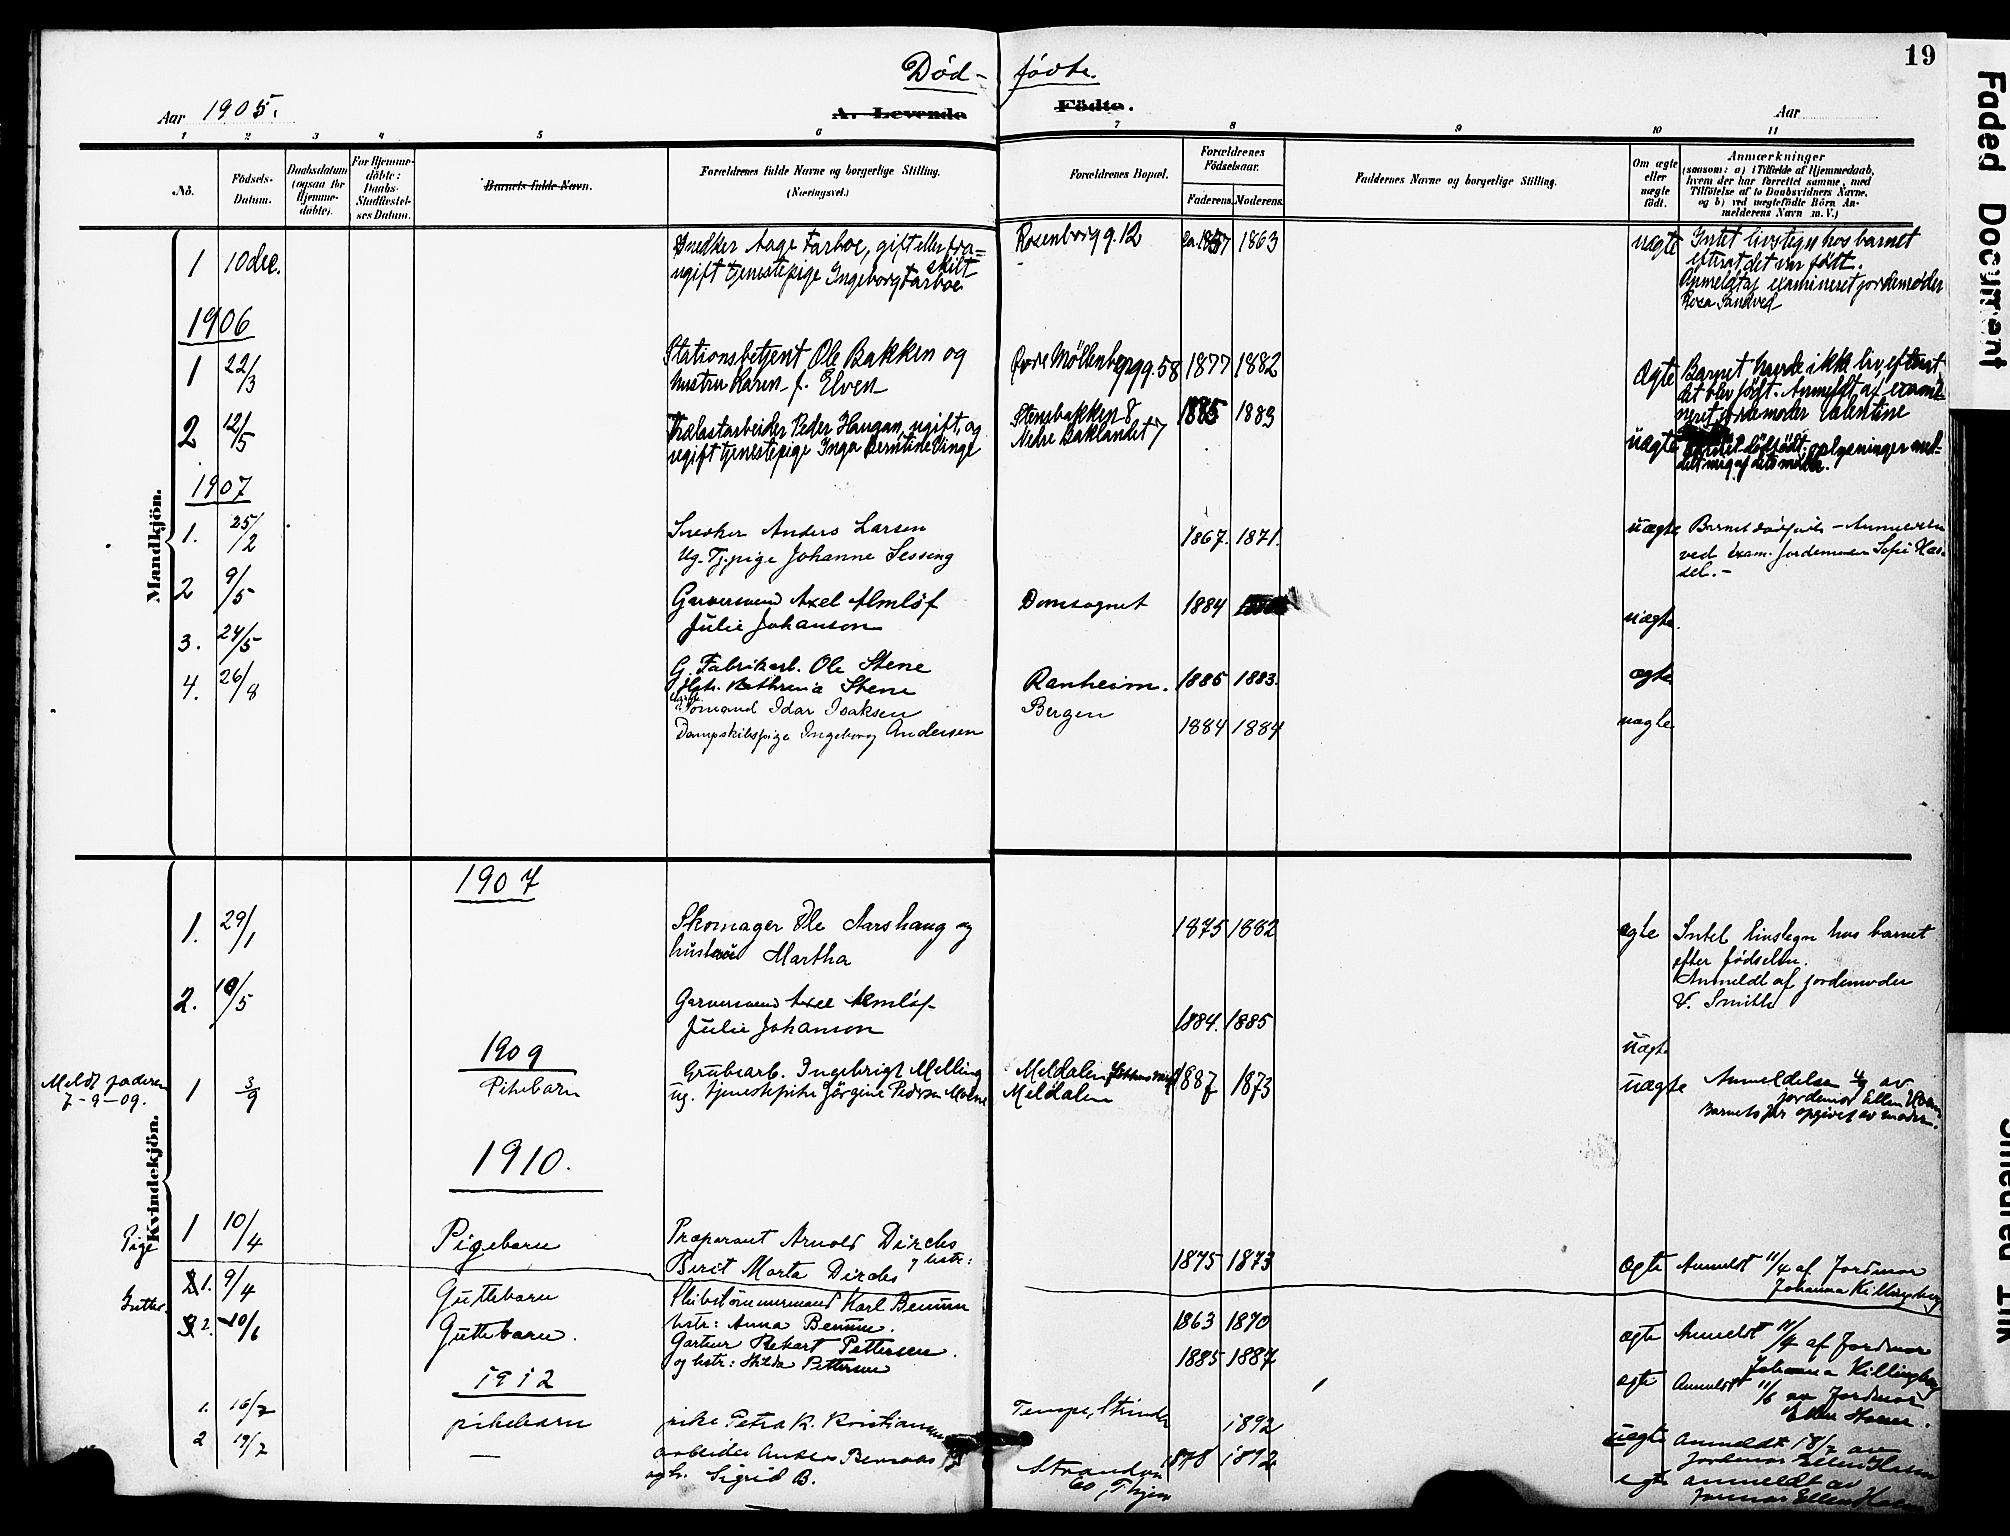 SAT, Ministerialprotokoller, klokkerbøker og fødselsregistre - Sør-Trøndelag, 628/L0483: Ministerialbok nr. 628A01, 1902-1920, s. 19